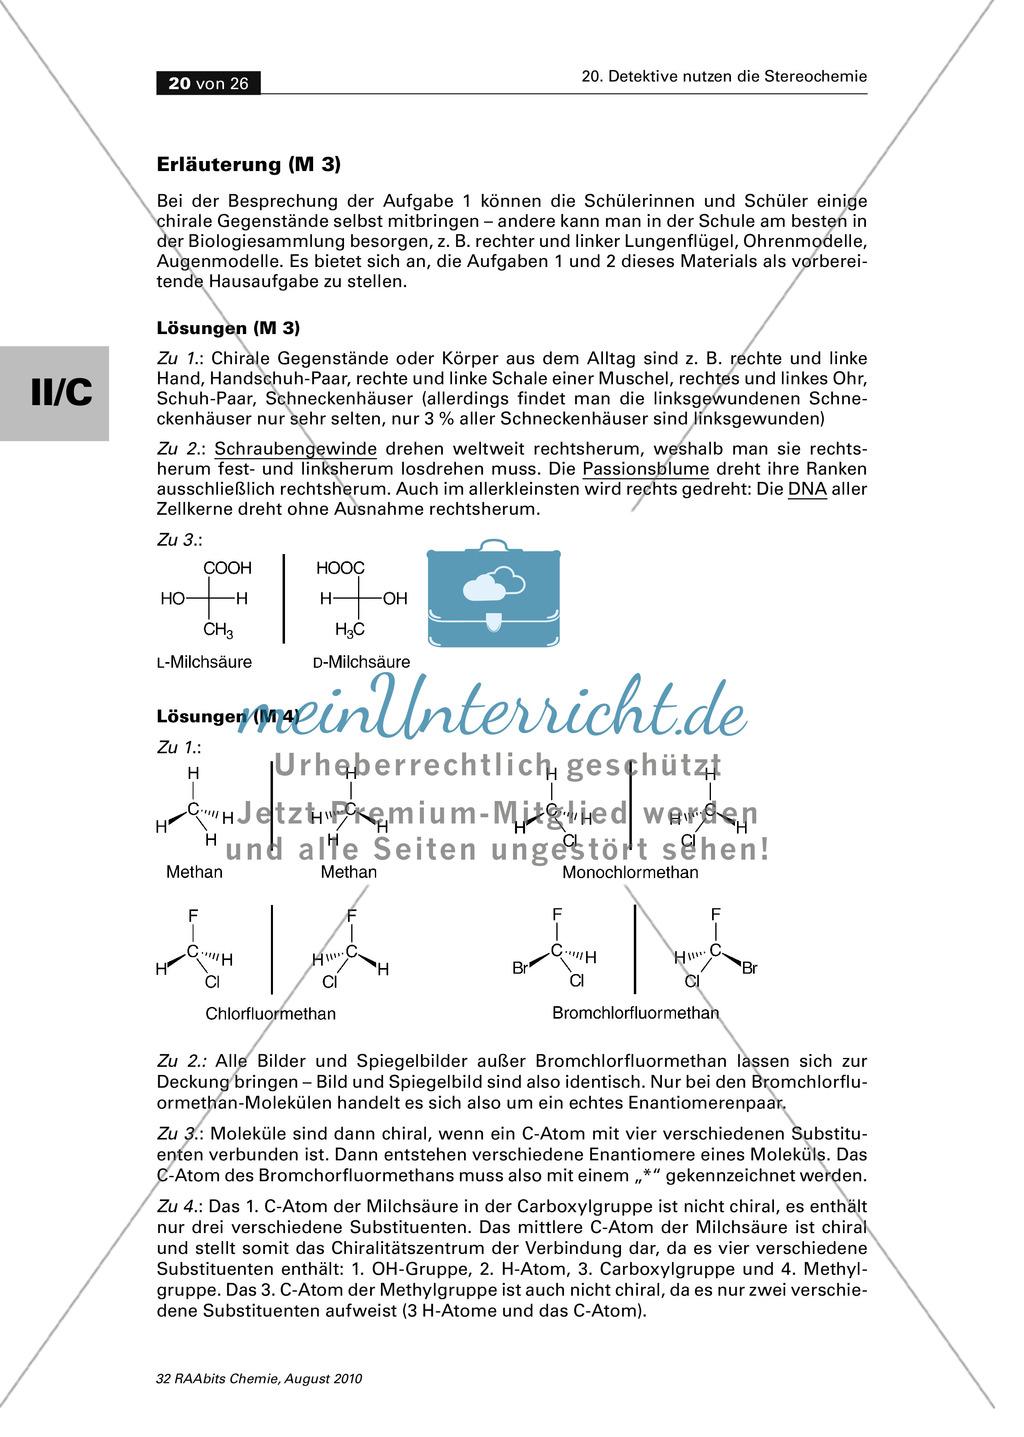 Entstehung und Eigenschaften chiraler Moleküle und die Unterscheidung von Enantiomeren Preview 4